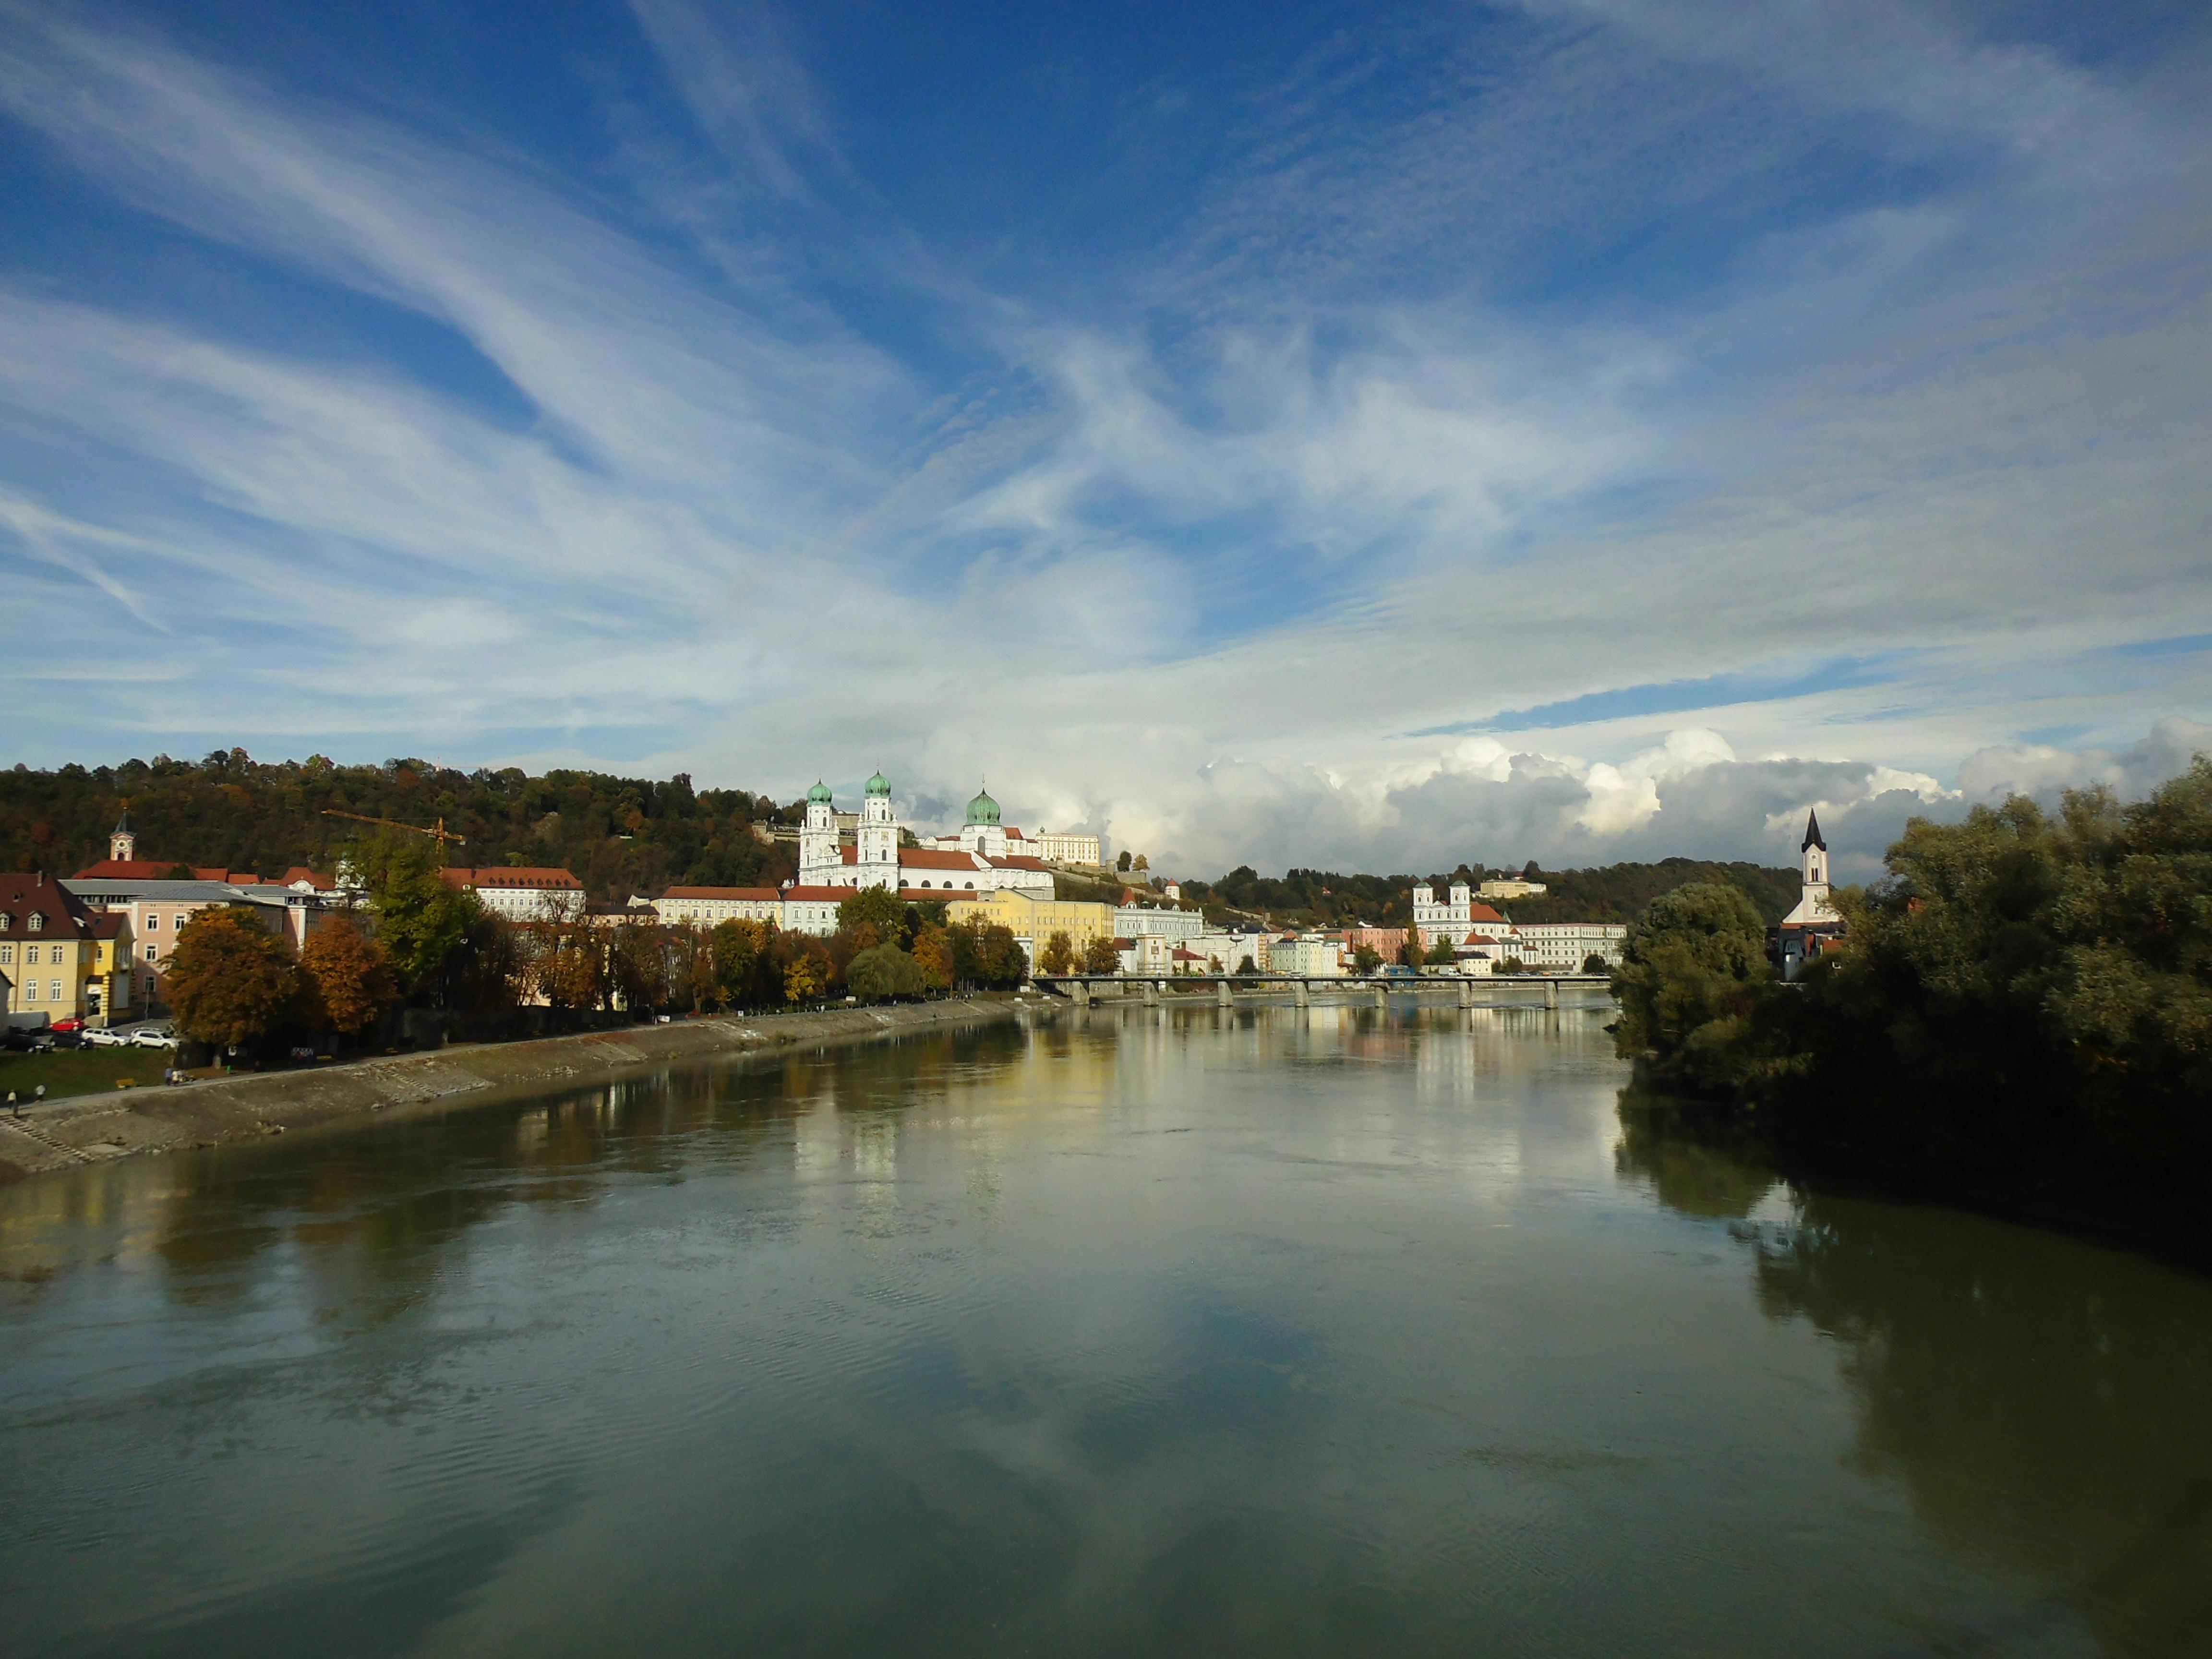 Joggen, Inn, Passau